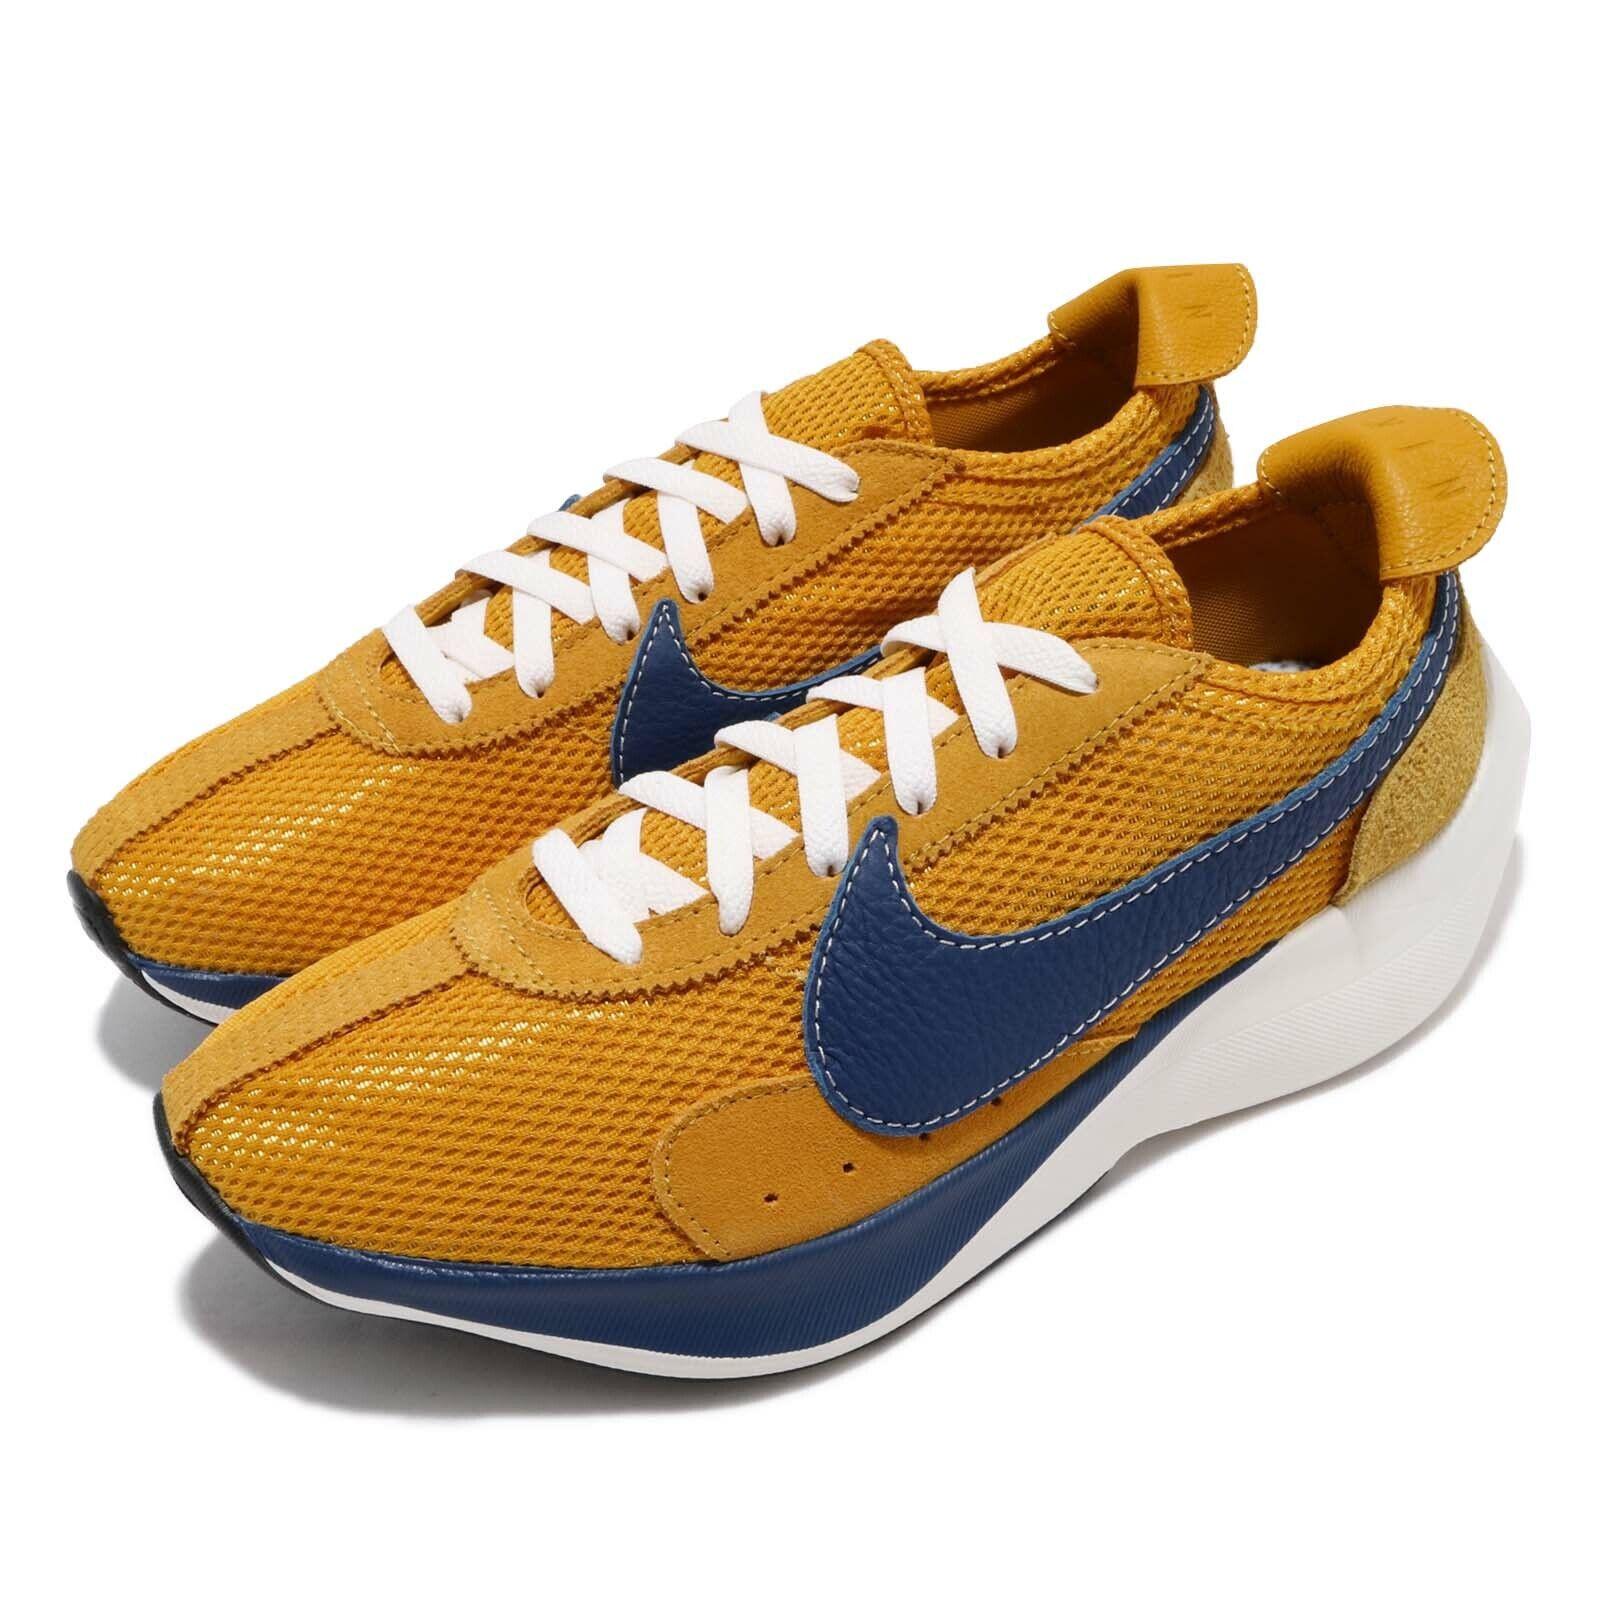 Nike Moon Racer QS gul Ochre Gym blå Män Löpning skor skor BV779 -700